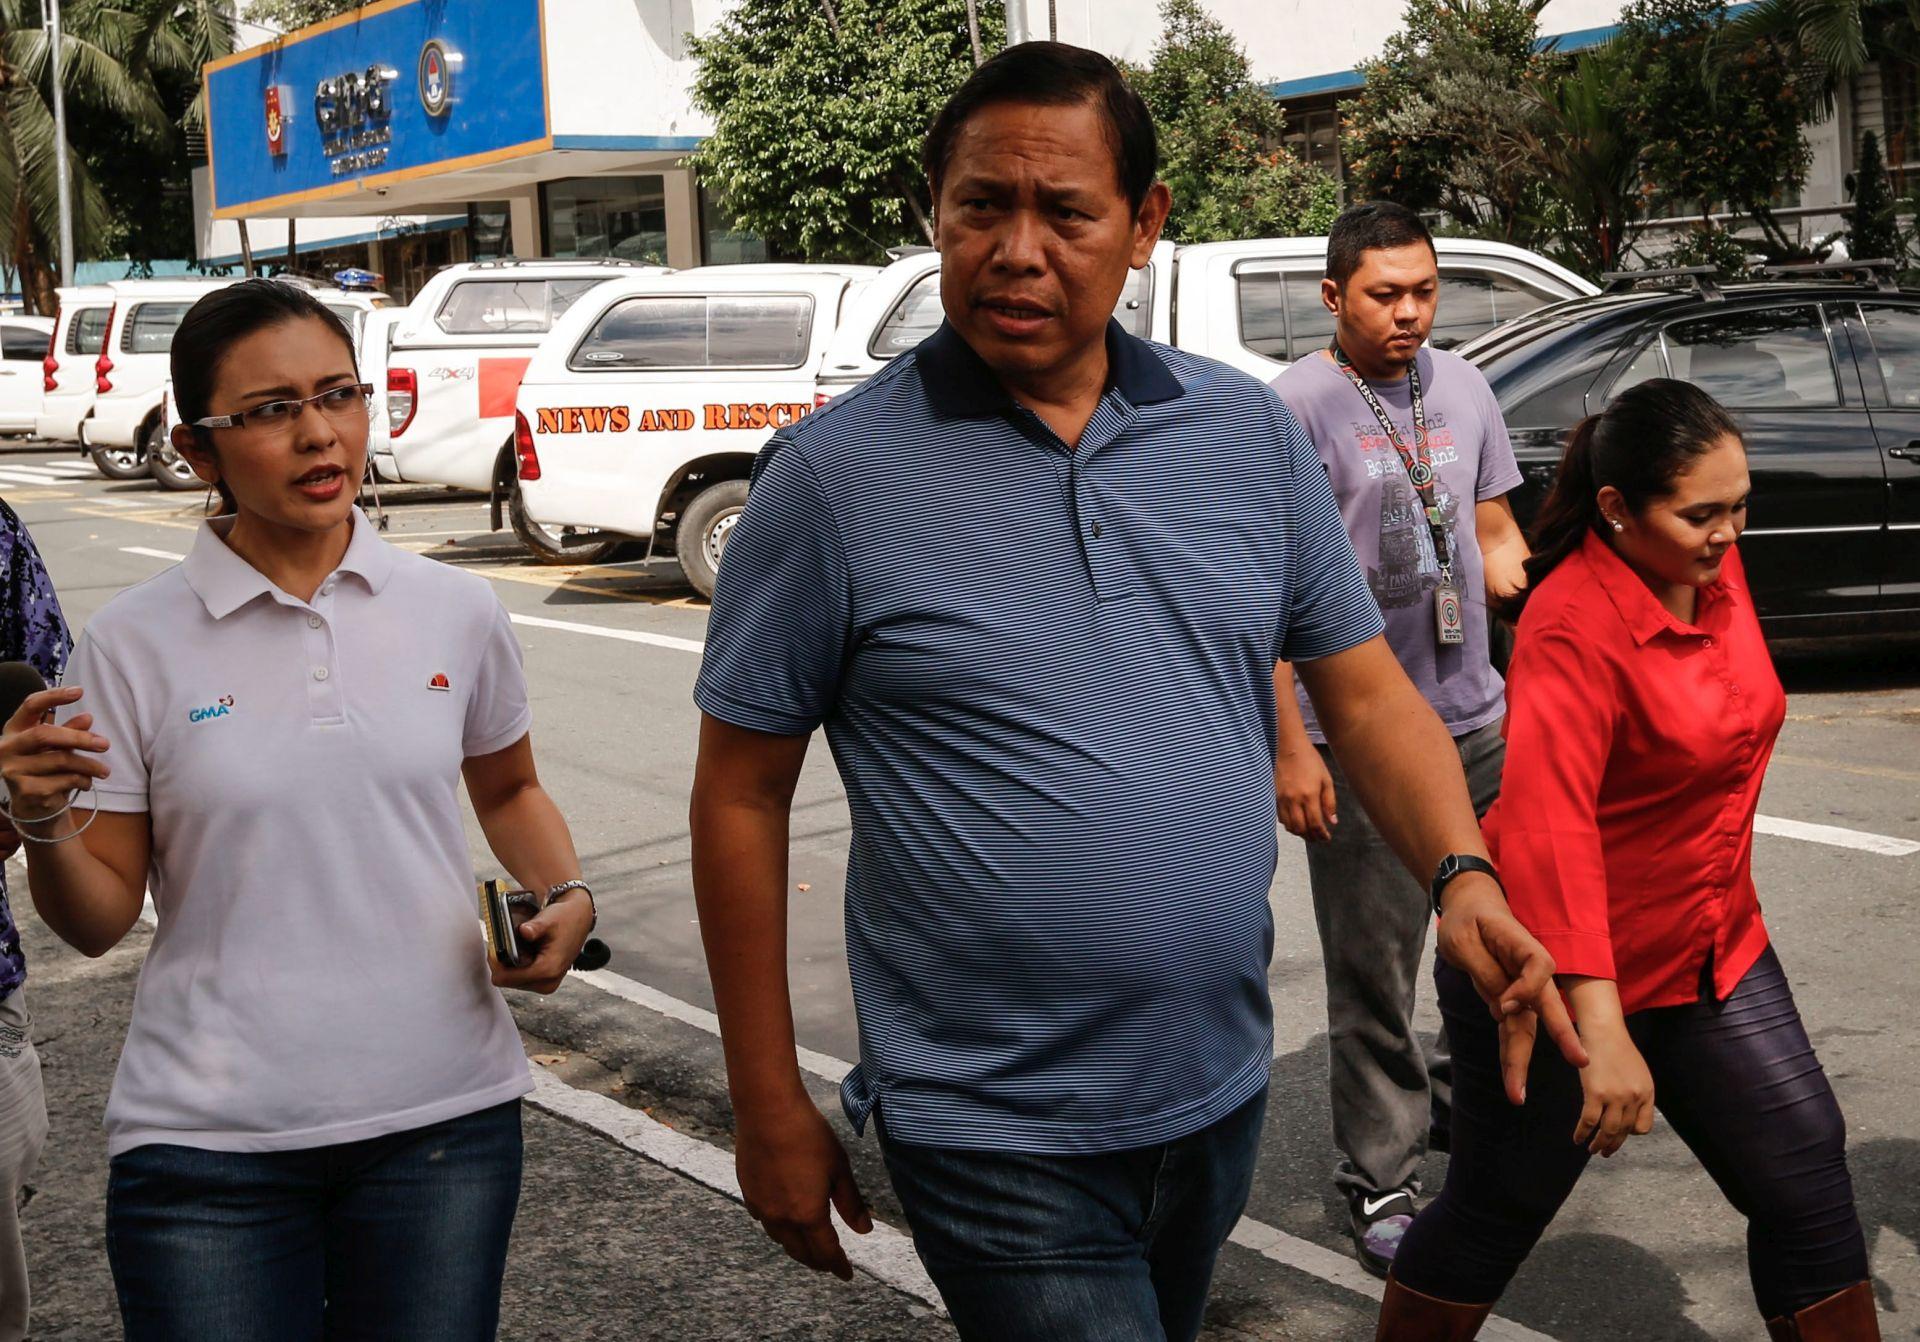 TRGOVINA DROGAMA: Filipinski predsjednik objavio imena političara, sudaca i policajaca